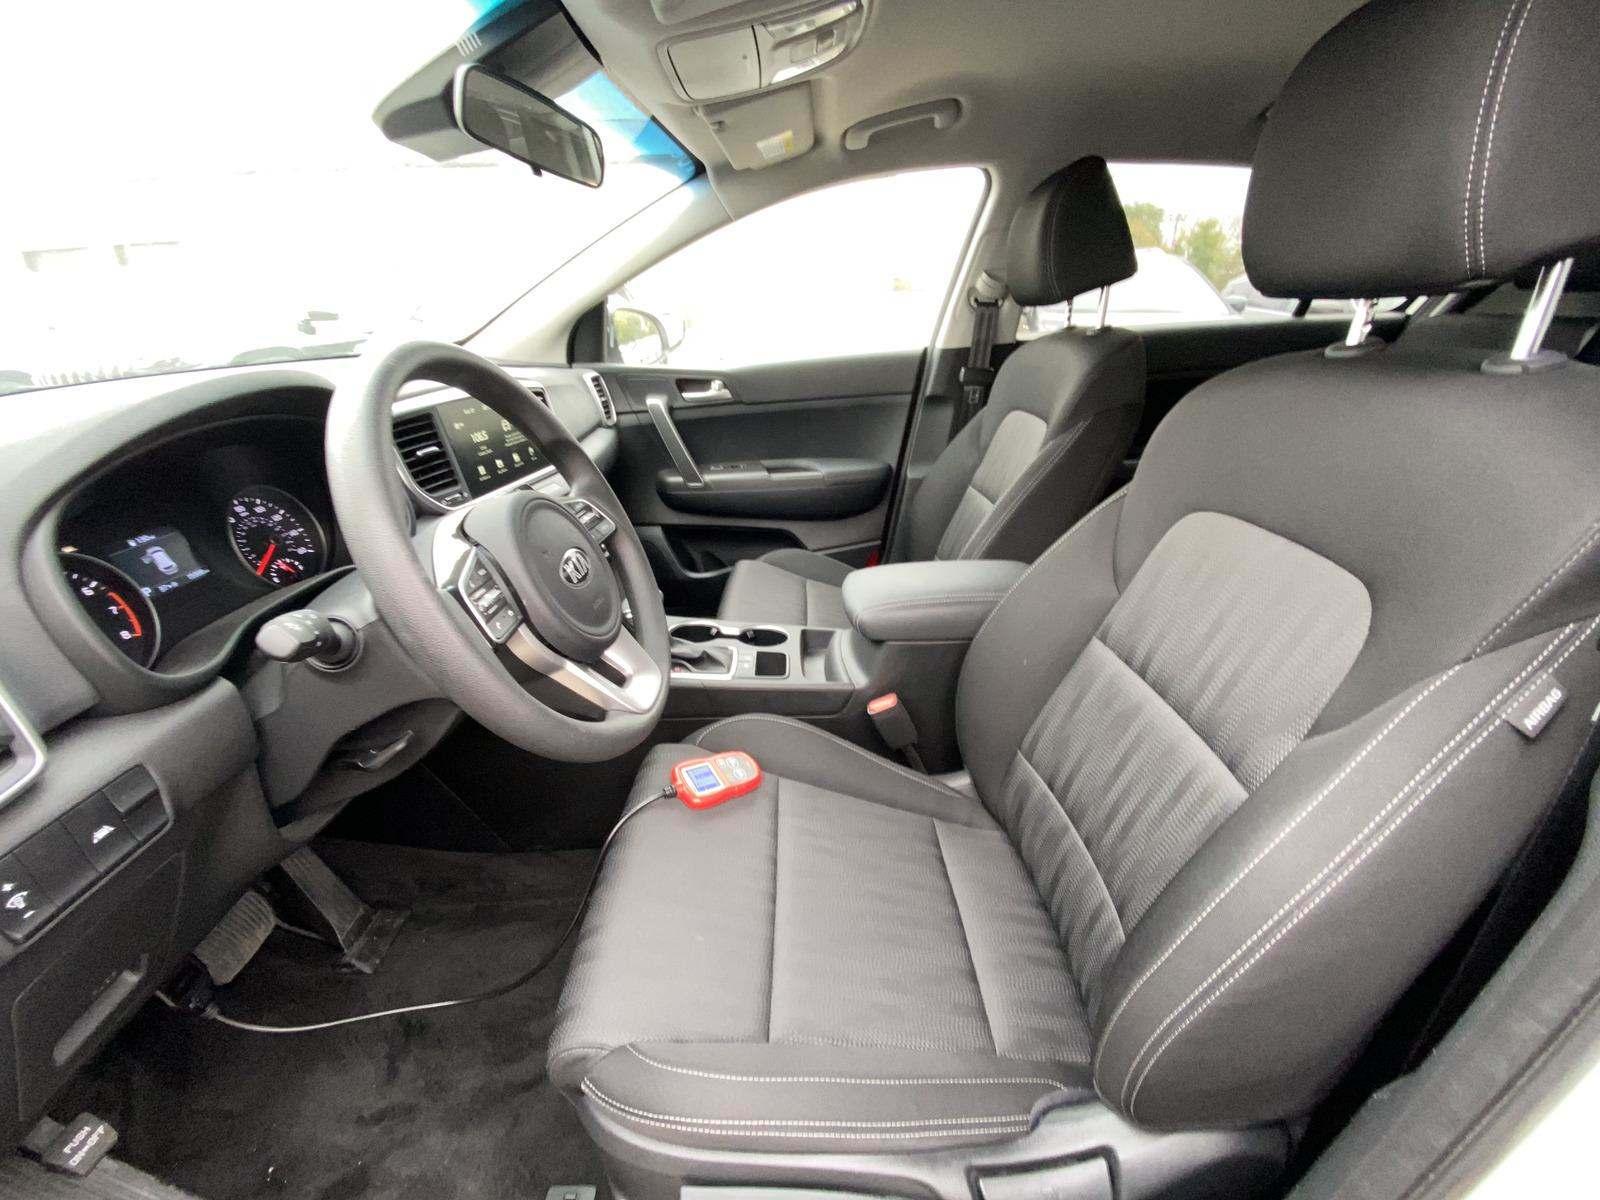 2020 KIA SPORTAGE 4D SUV 2.4L LX* - 8